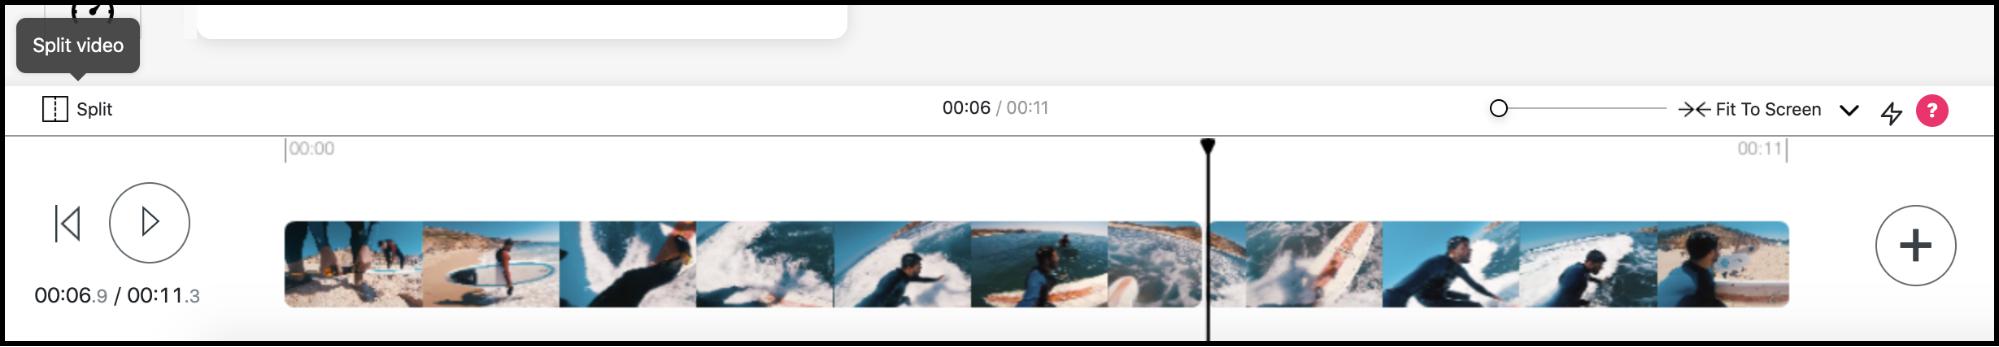 online video splitter